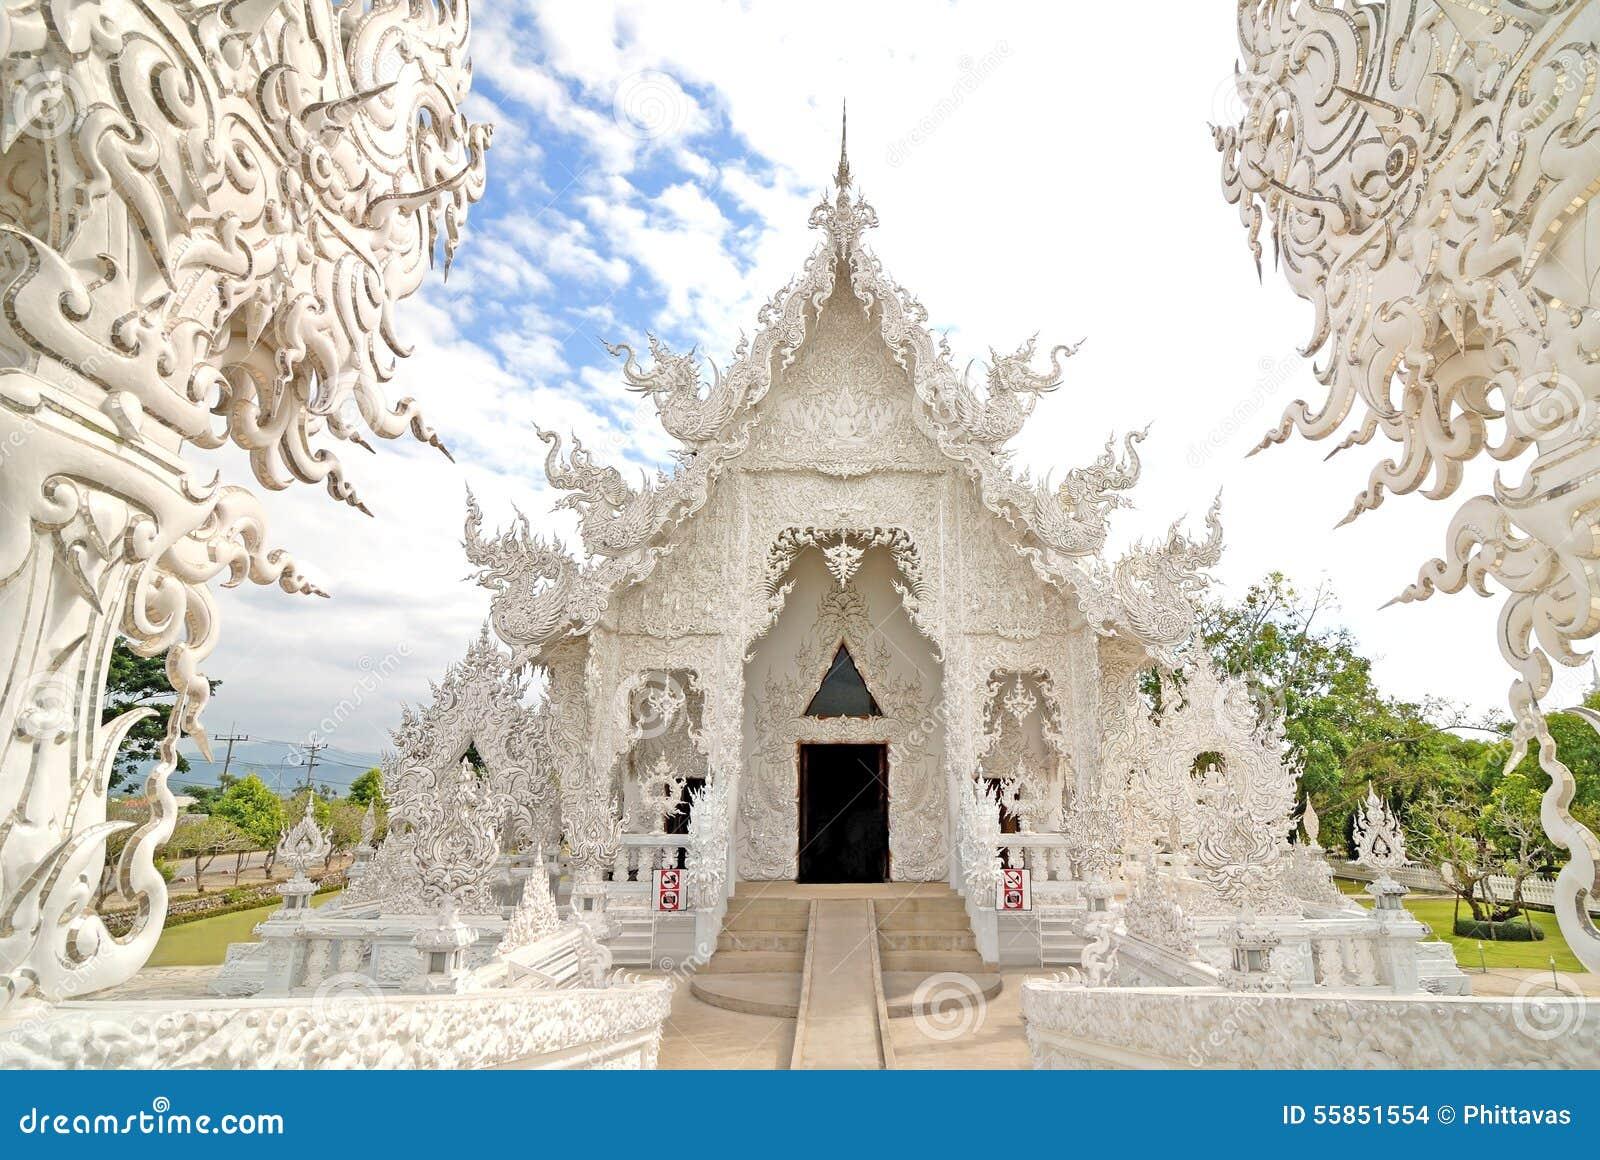 Pięknej architektury biała świątynia w Chiangrai Tajlandia